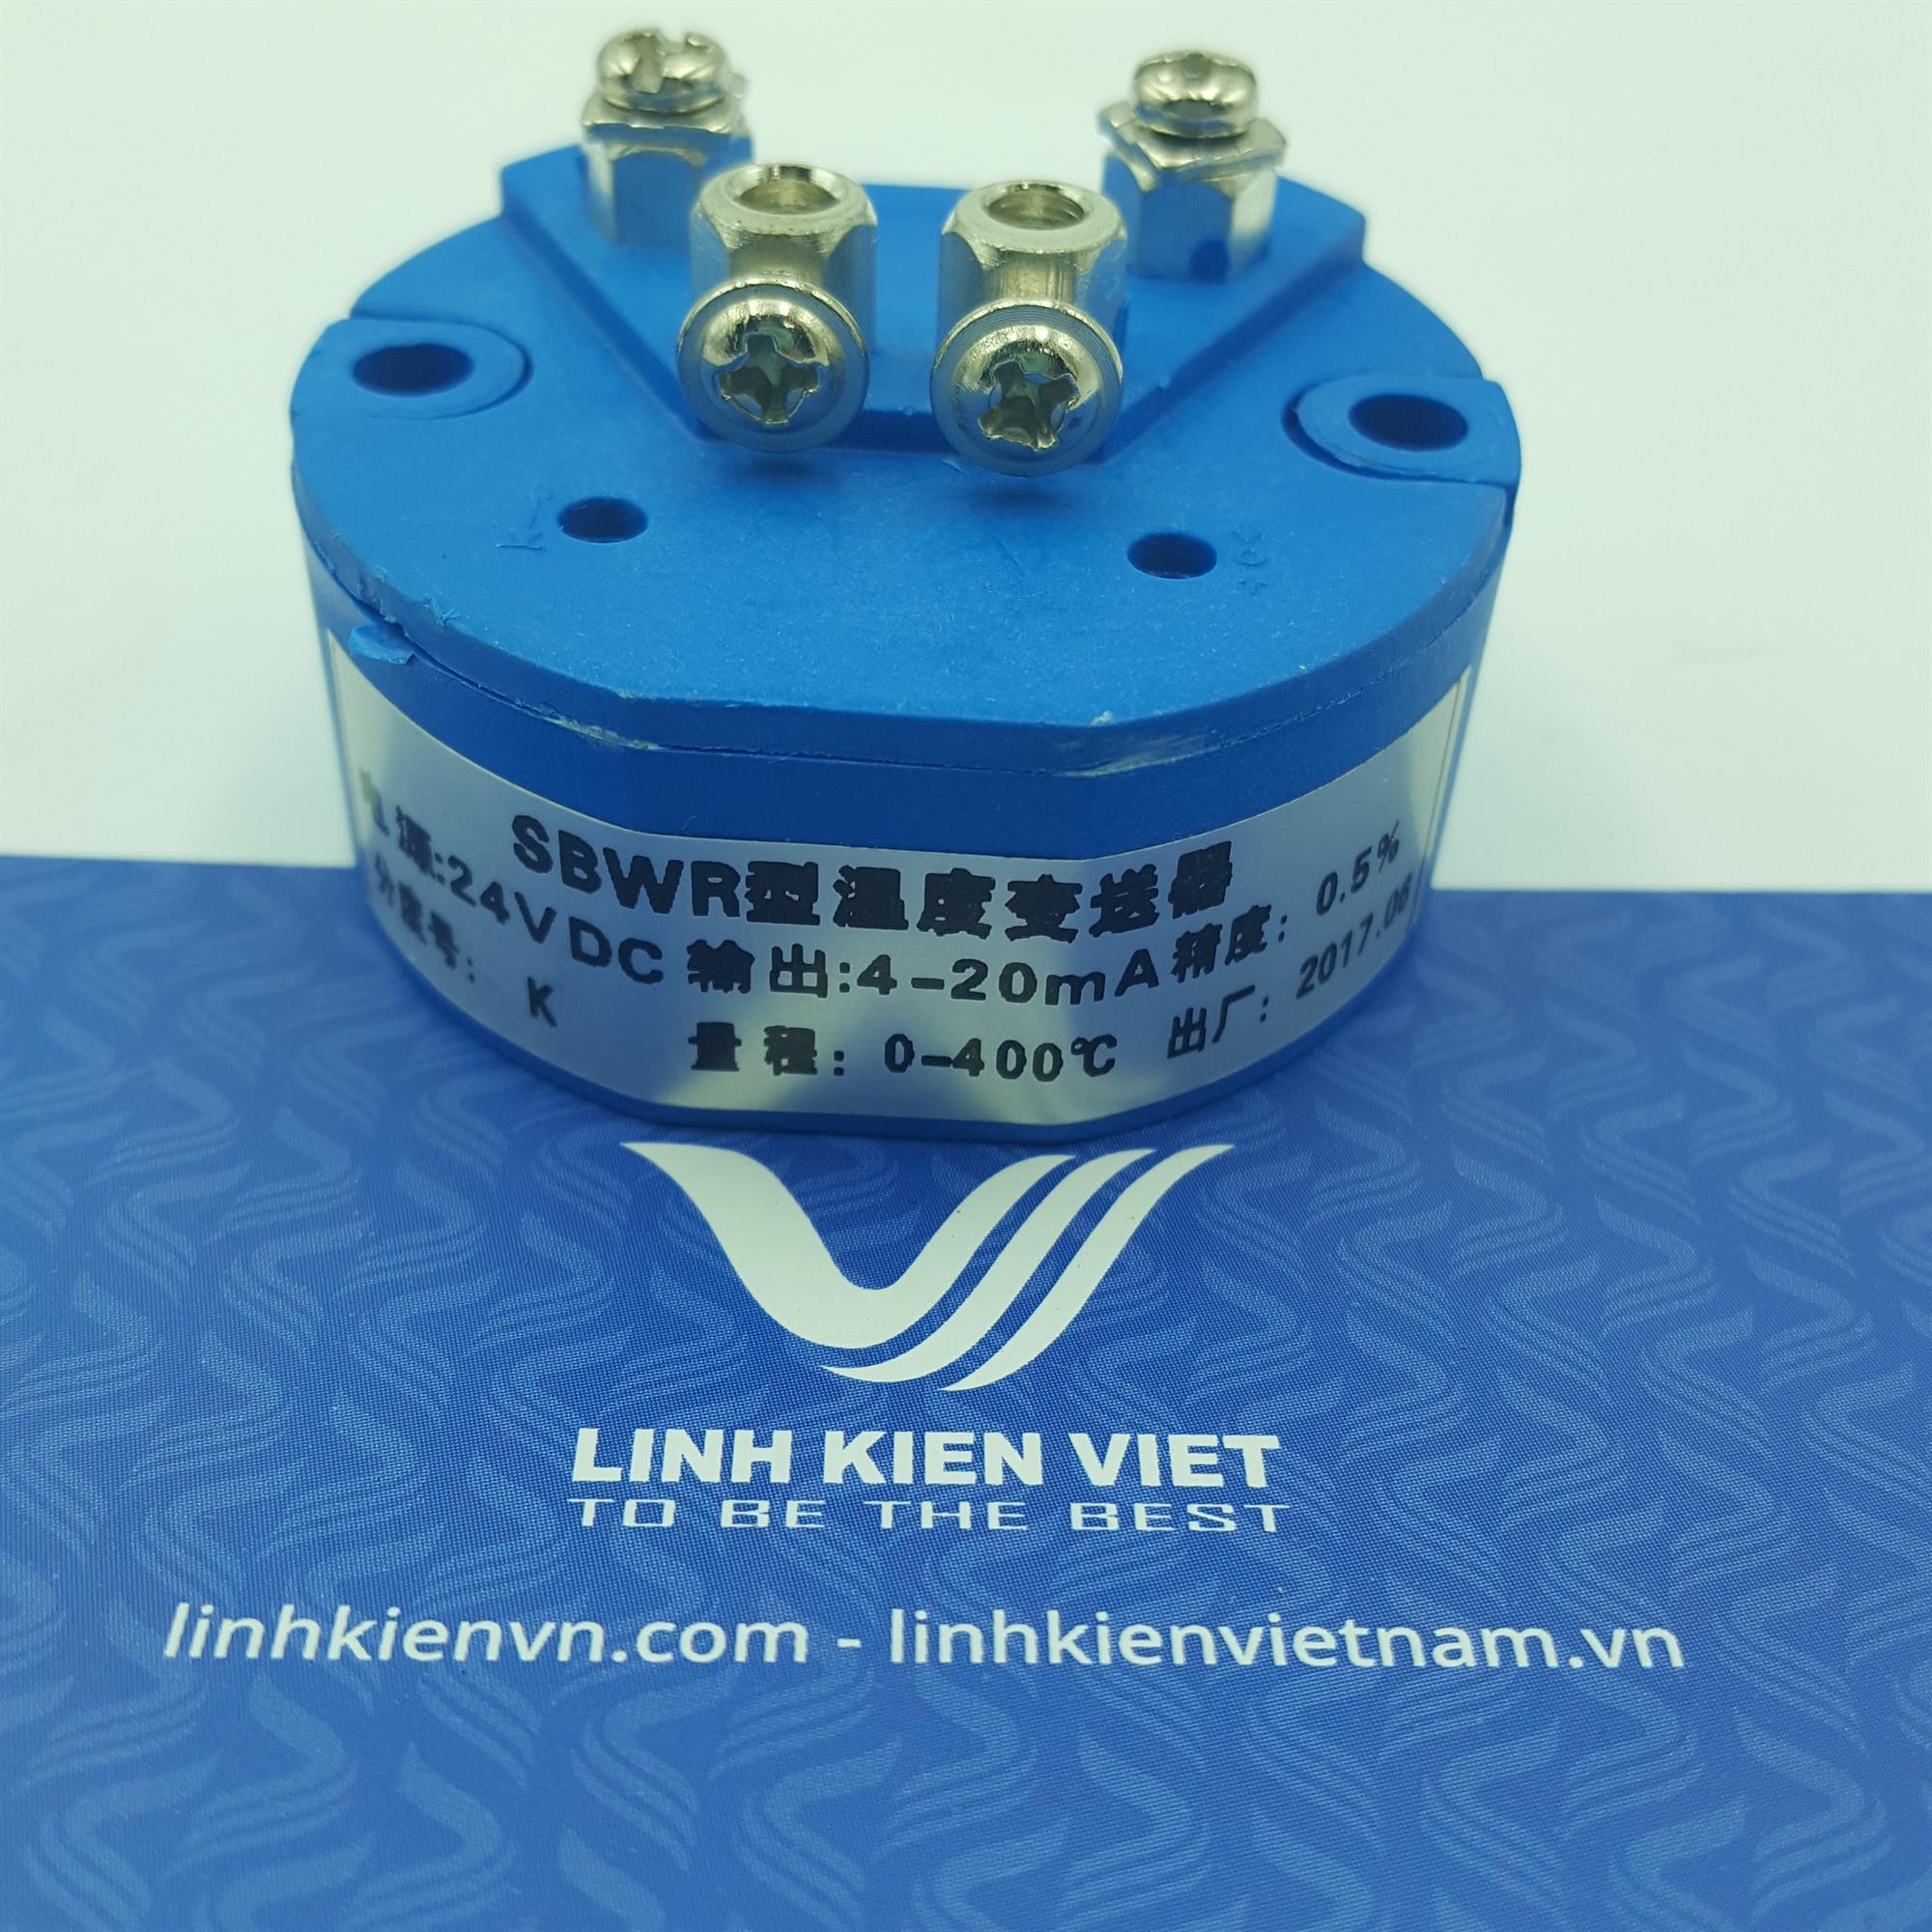 Bộ chuyển đổi nhiệt độ K 4-20mA / 0-400 độ- J2H13